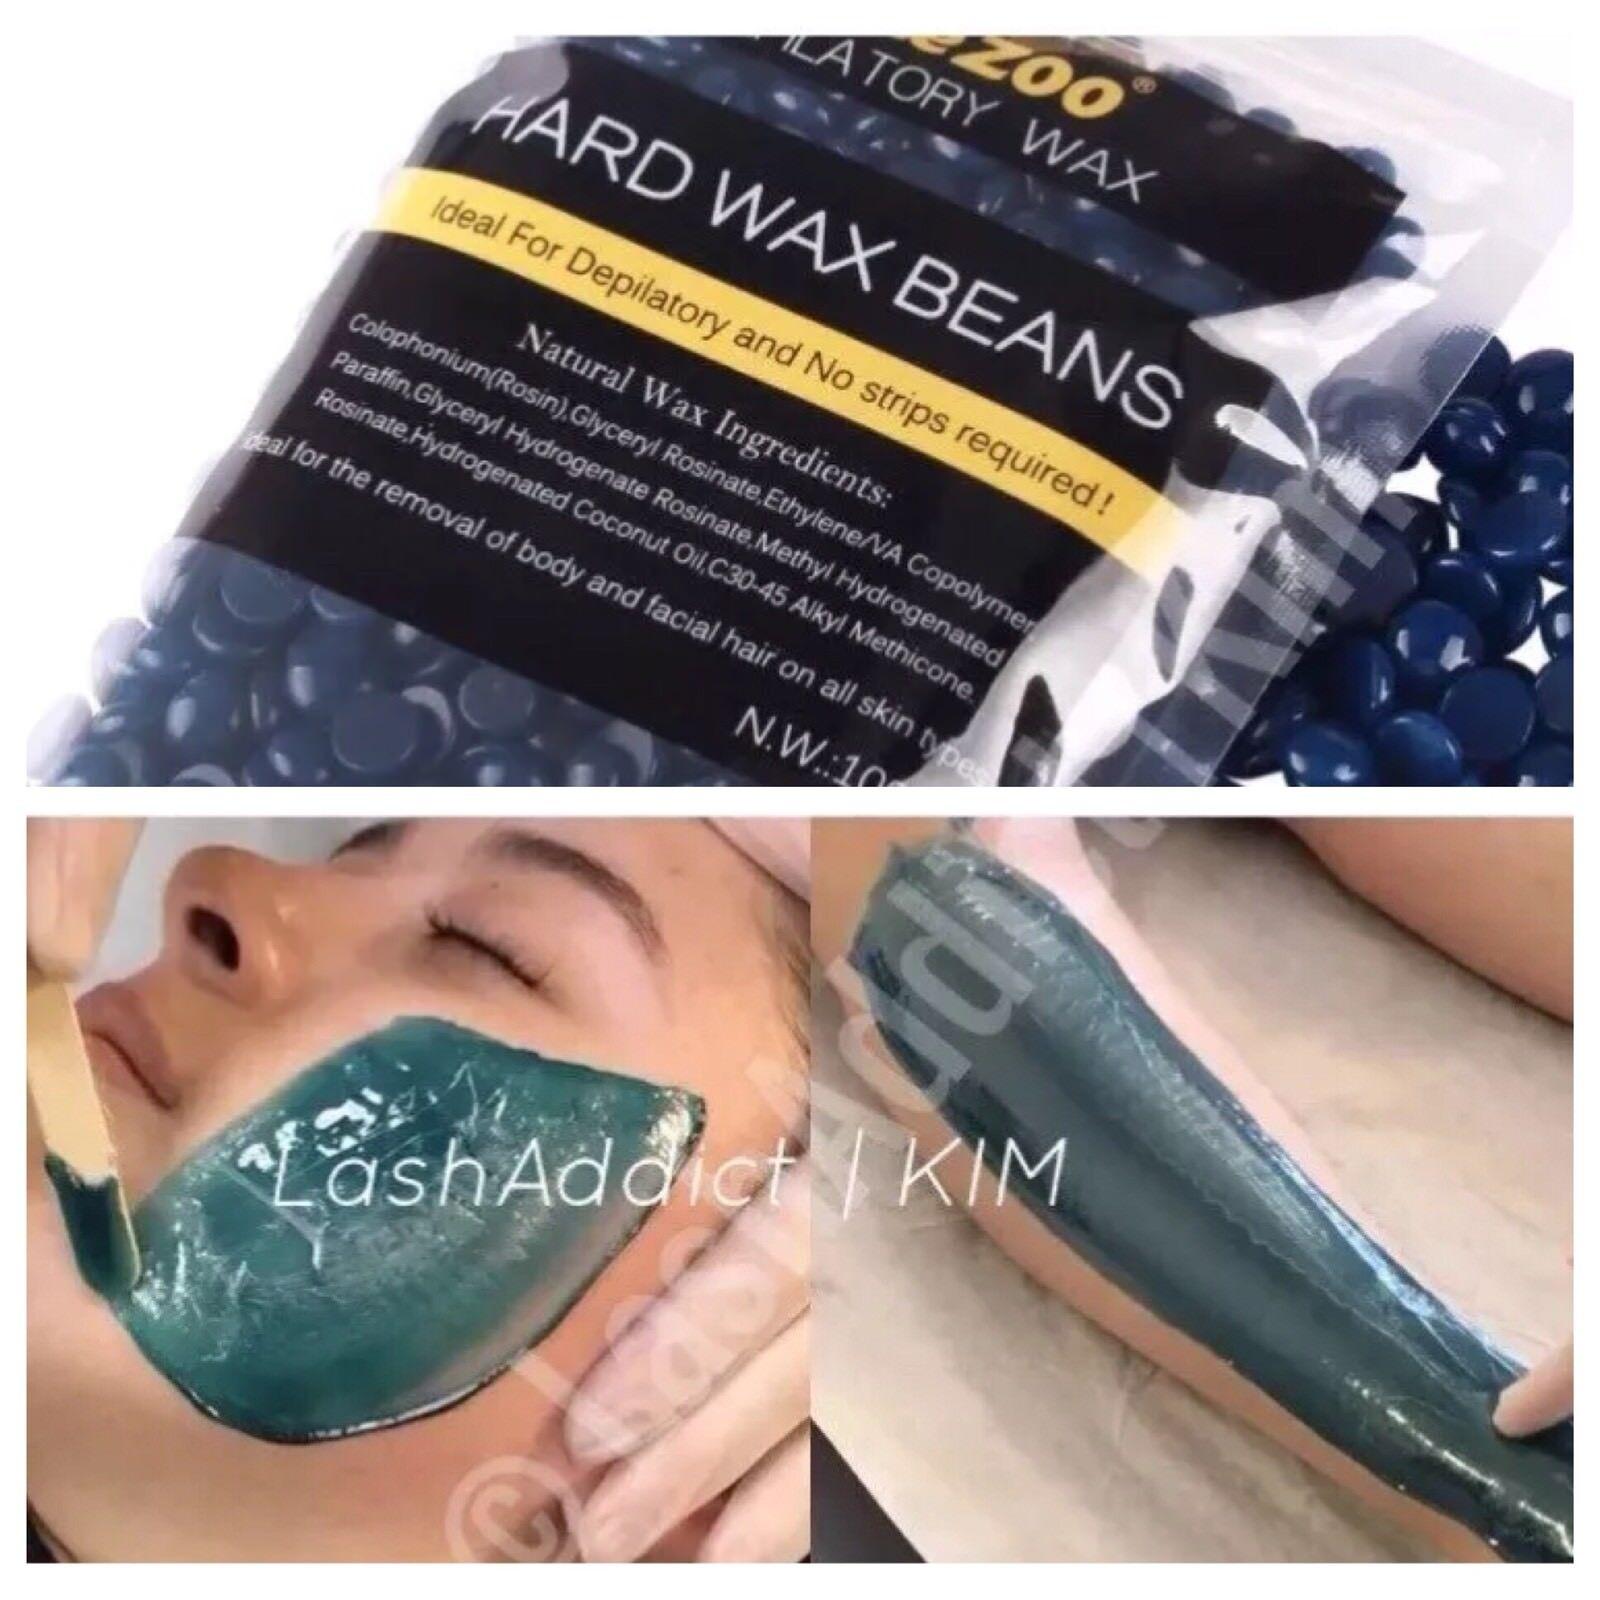 Wax Beans Hair Removal Hard Bikini Facial Arm Legs 300g 10oz 10pcs